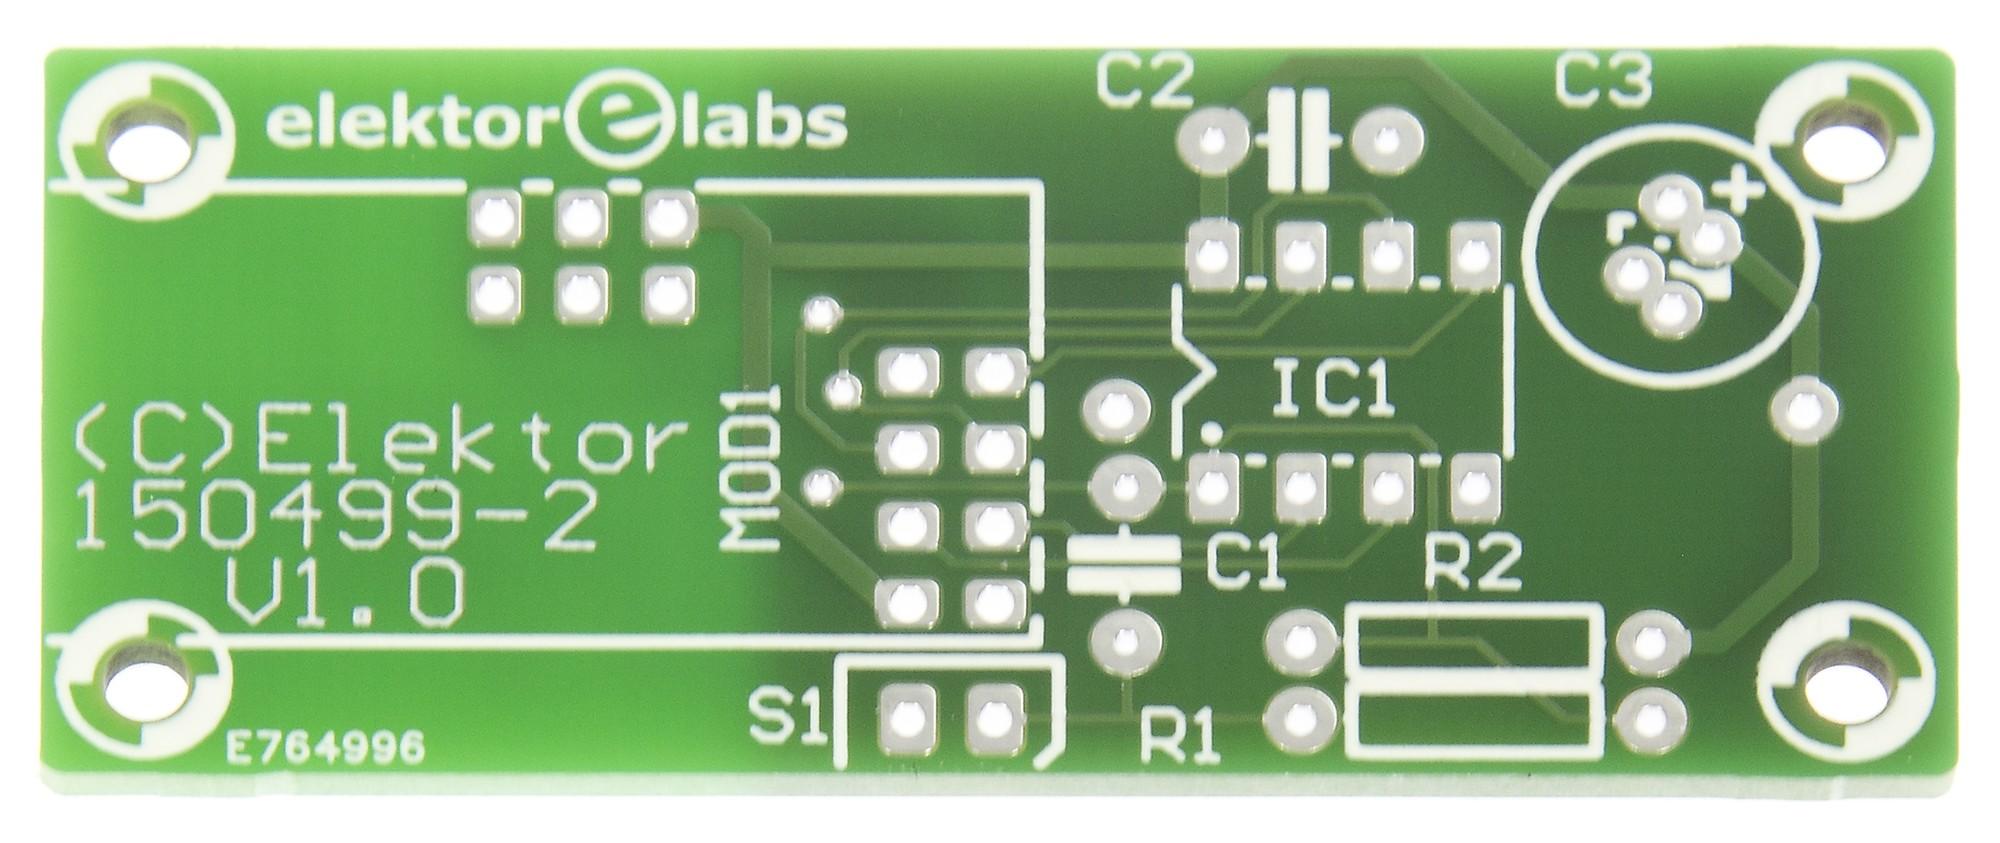 émetteur pour bouton de quiz (150499-2)